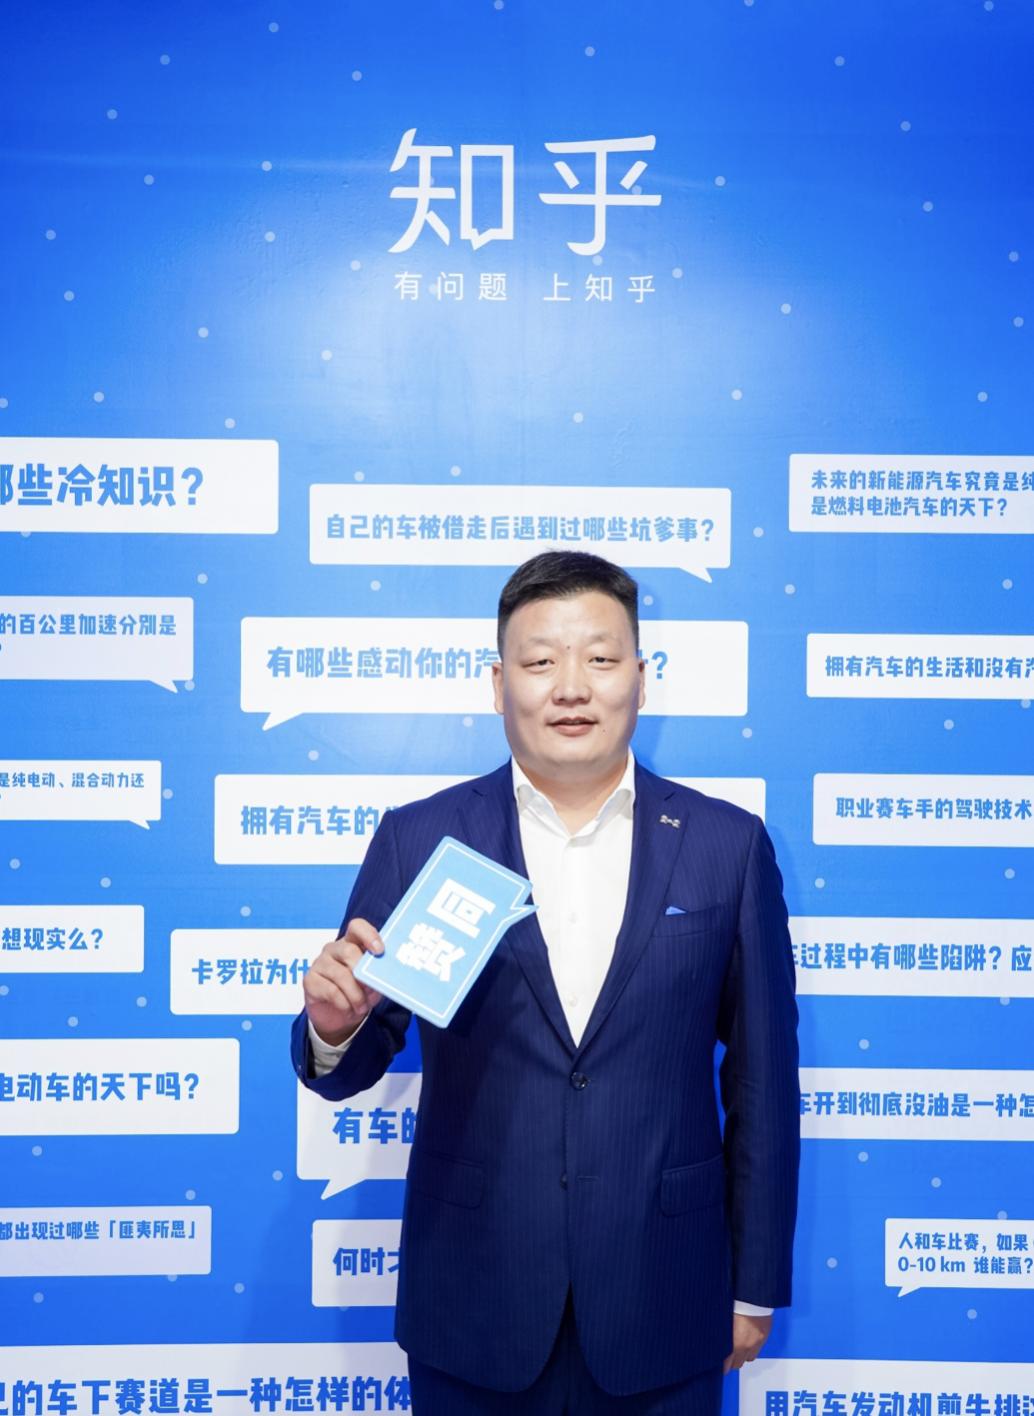 爱驰汽车执行副总裁蔡建军